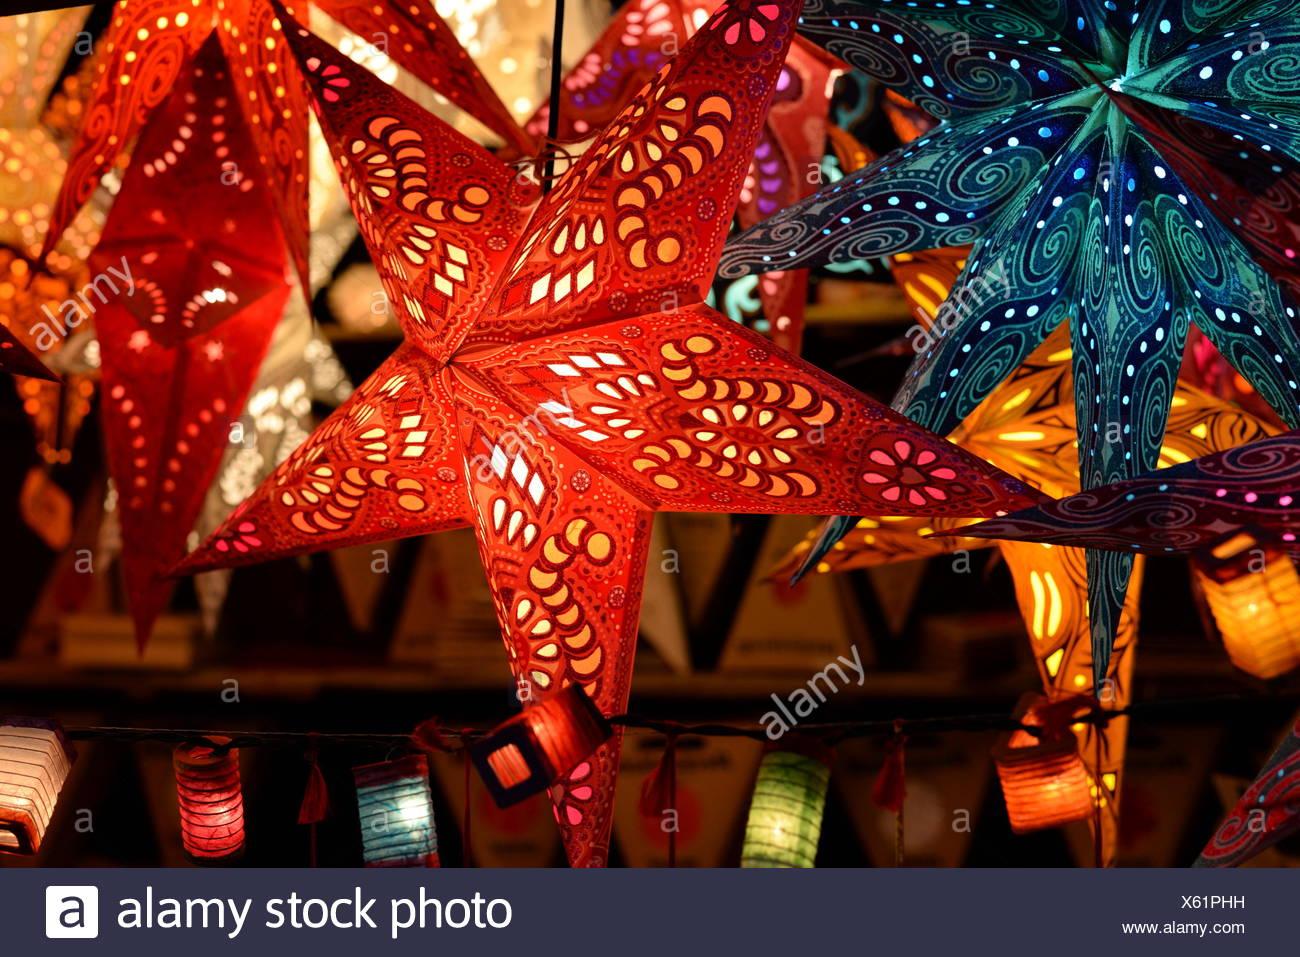 Weihnachtsbeleuchtung Bunt.Weihnachtssterne Weihnachtsstern Stern Sterne Beleuchtung